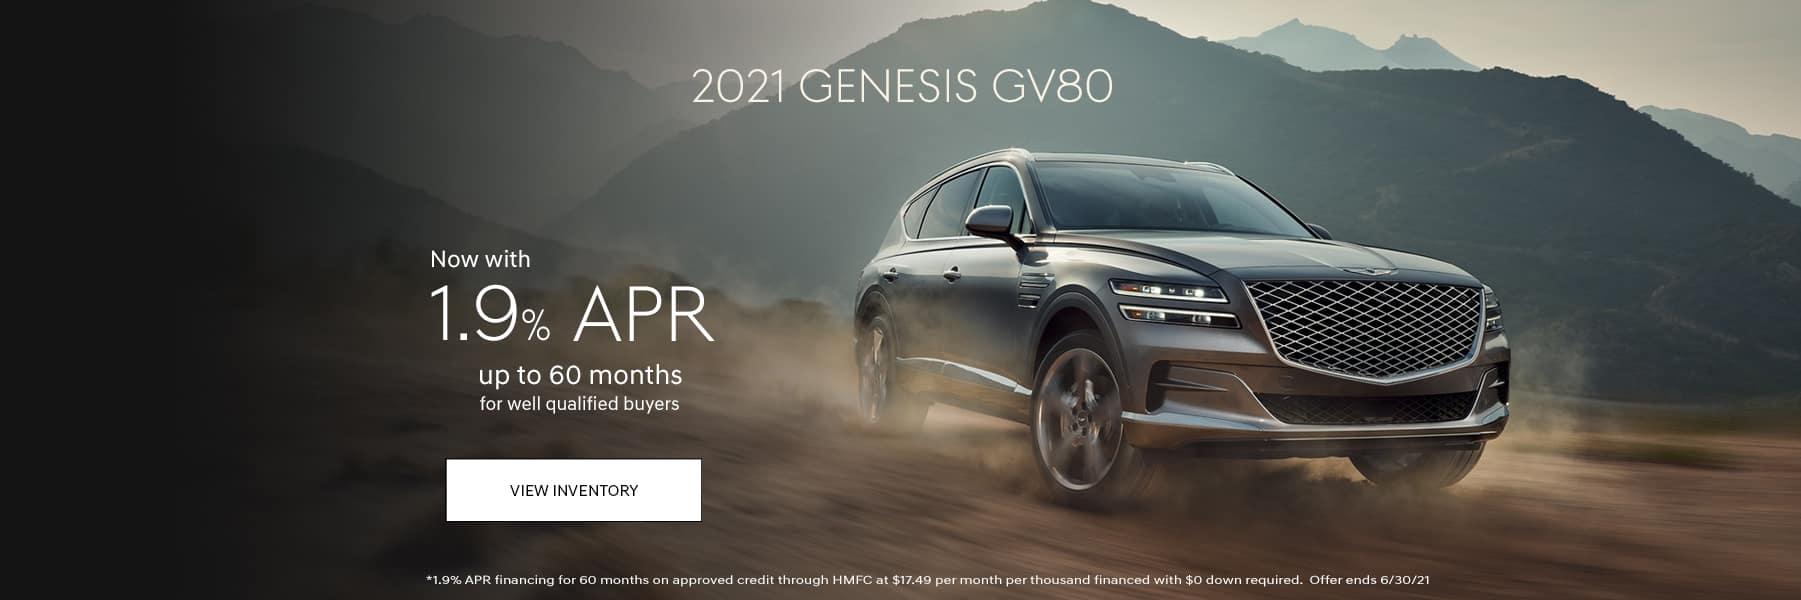 2021-Genesis-GV80-Jun21